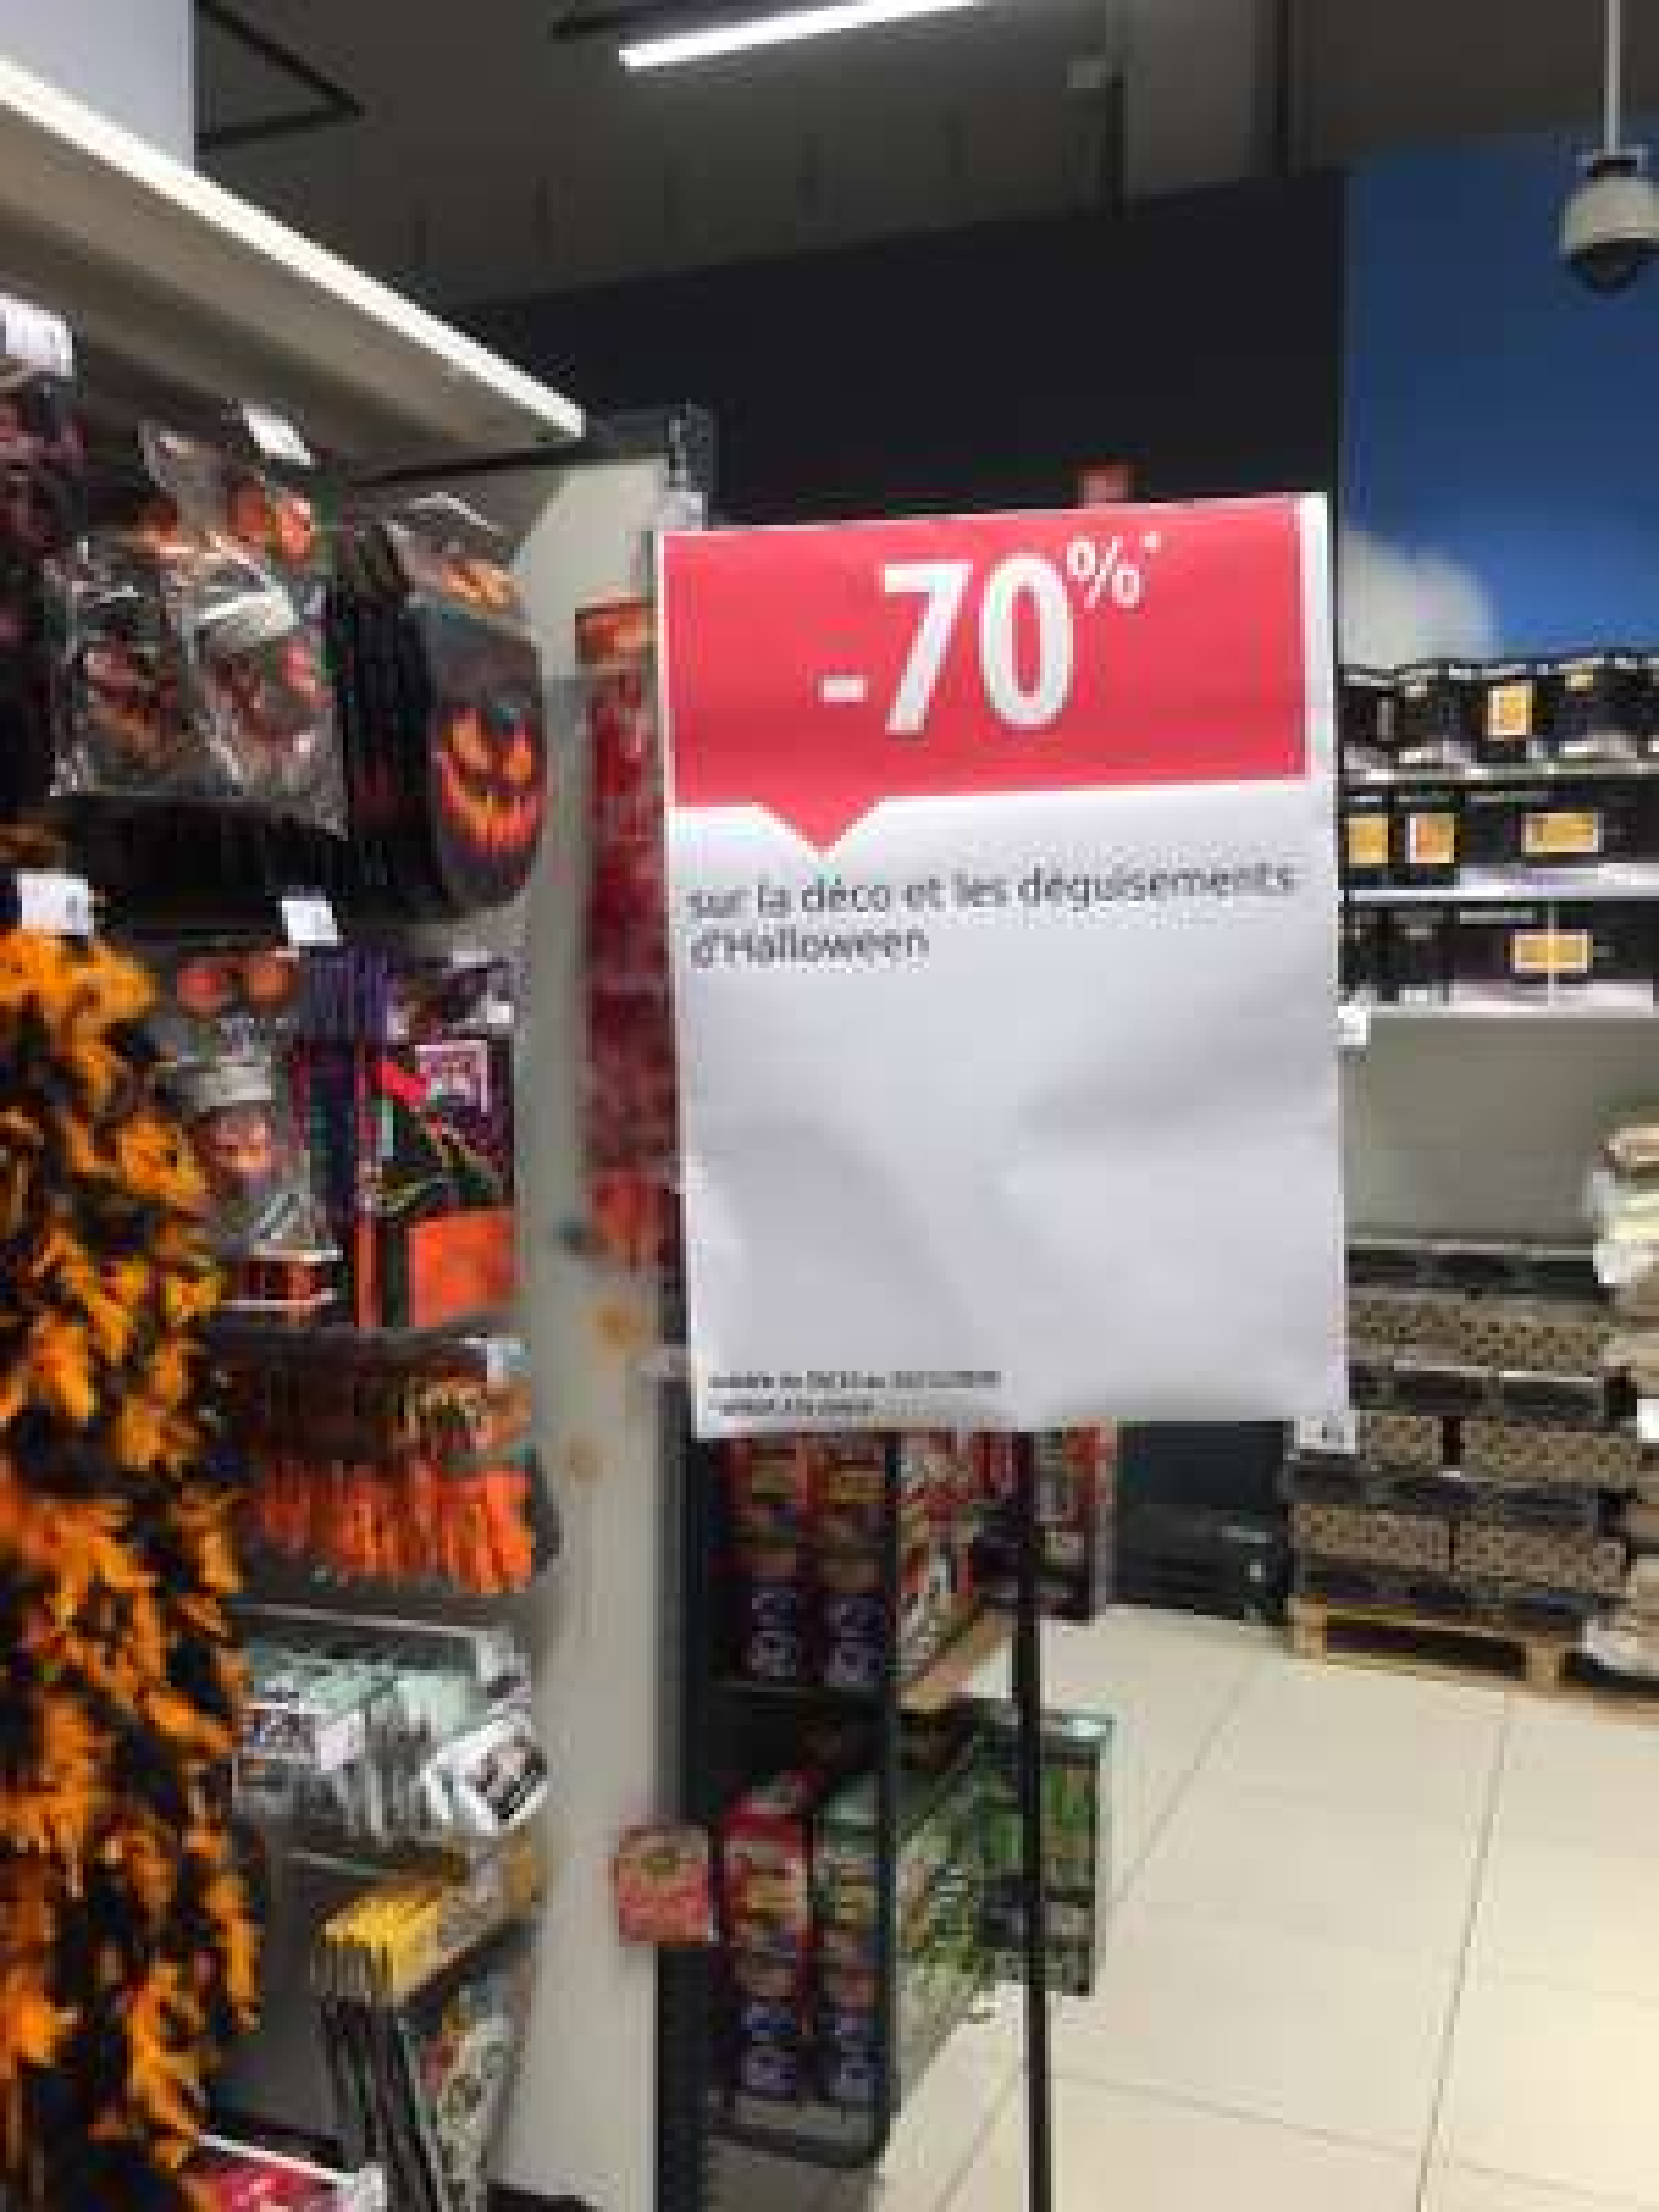 70% de réduction sur les décorations et déguisements d'Halloween - Mons (frontaliers Belgique)